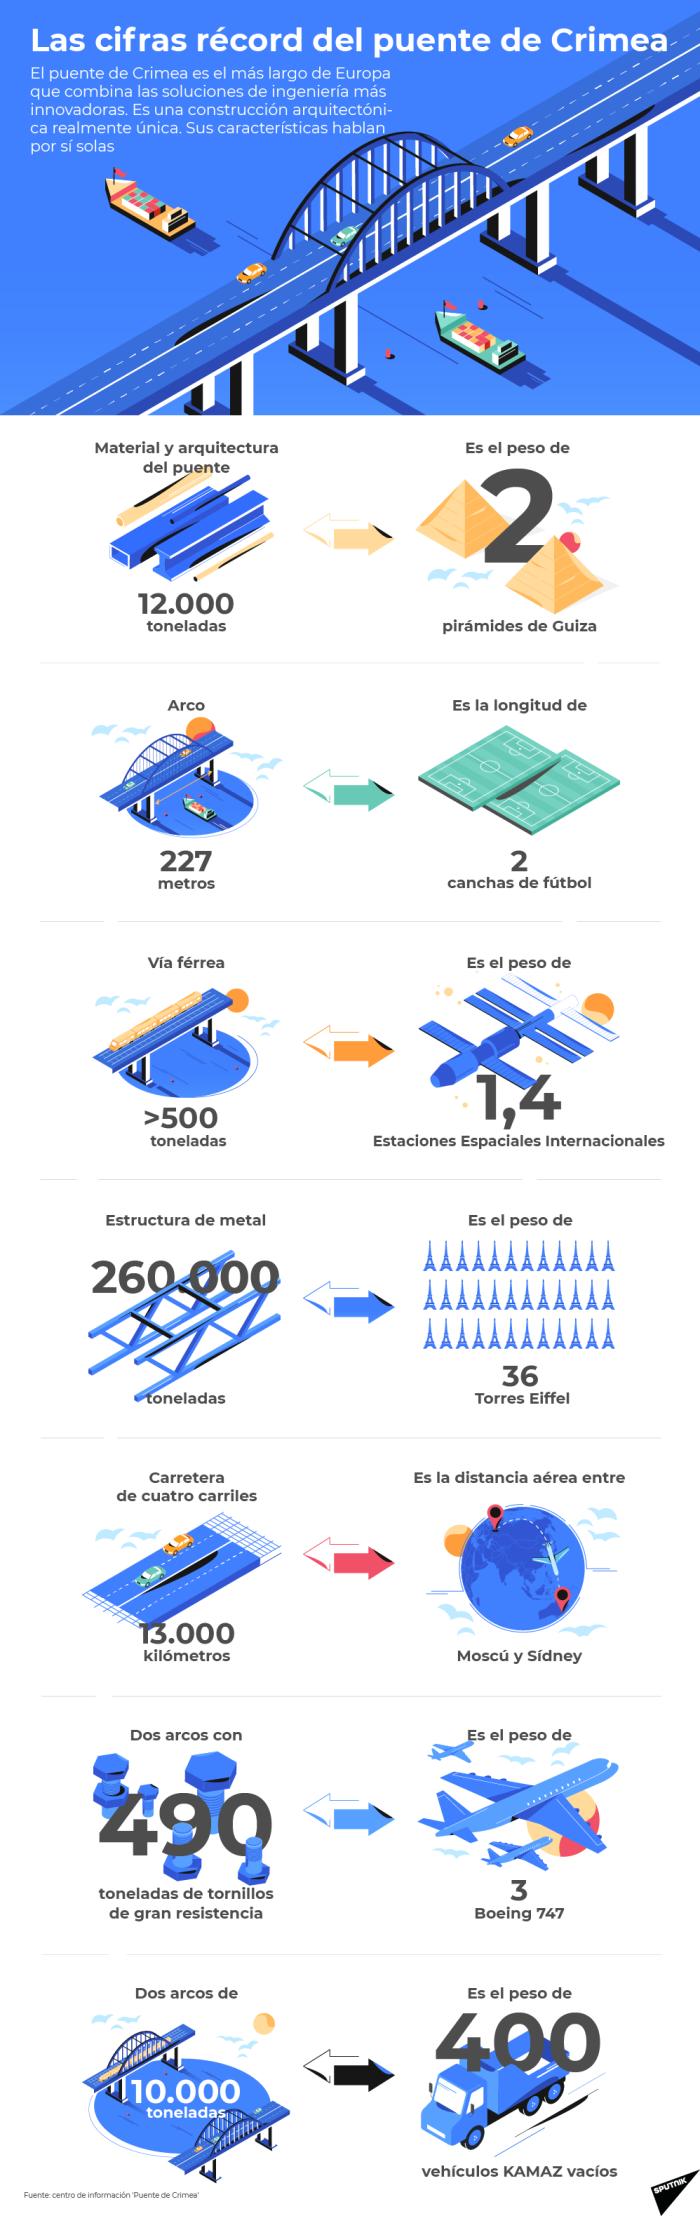 Más de 30 torres Eiffel de peso: el puente de los récords de Crimea, en cifras